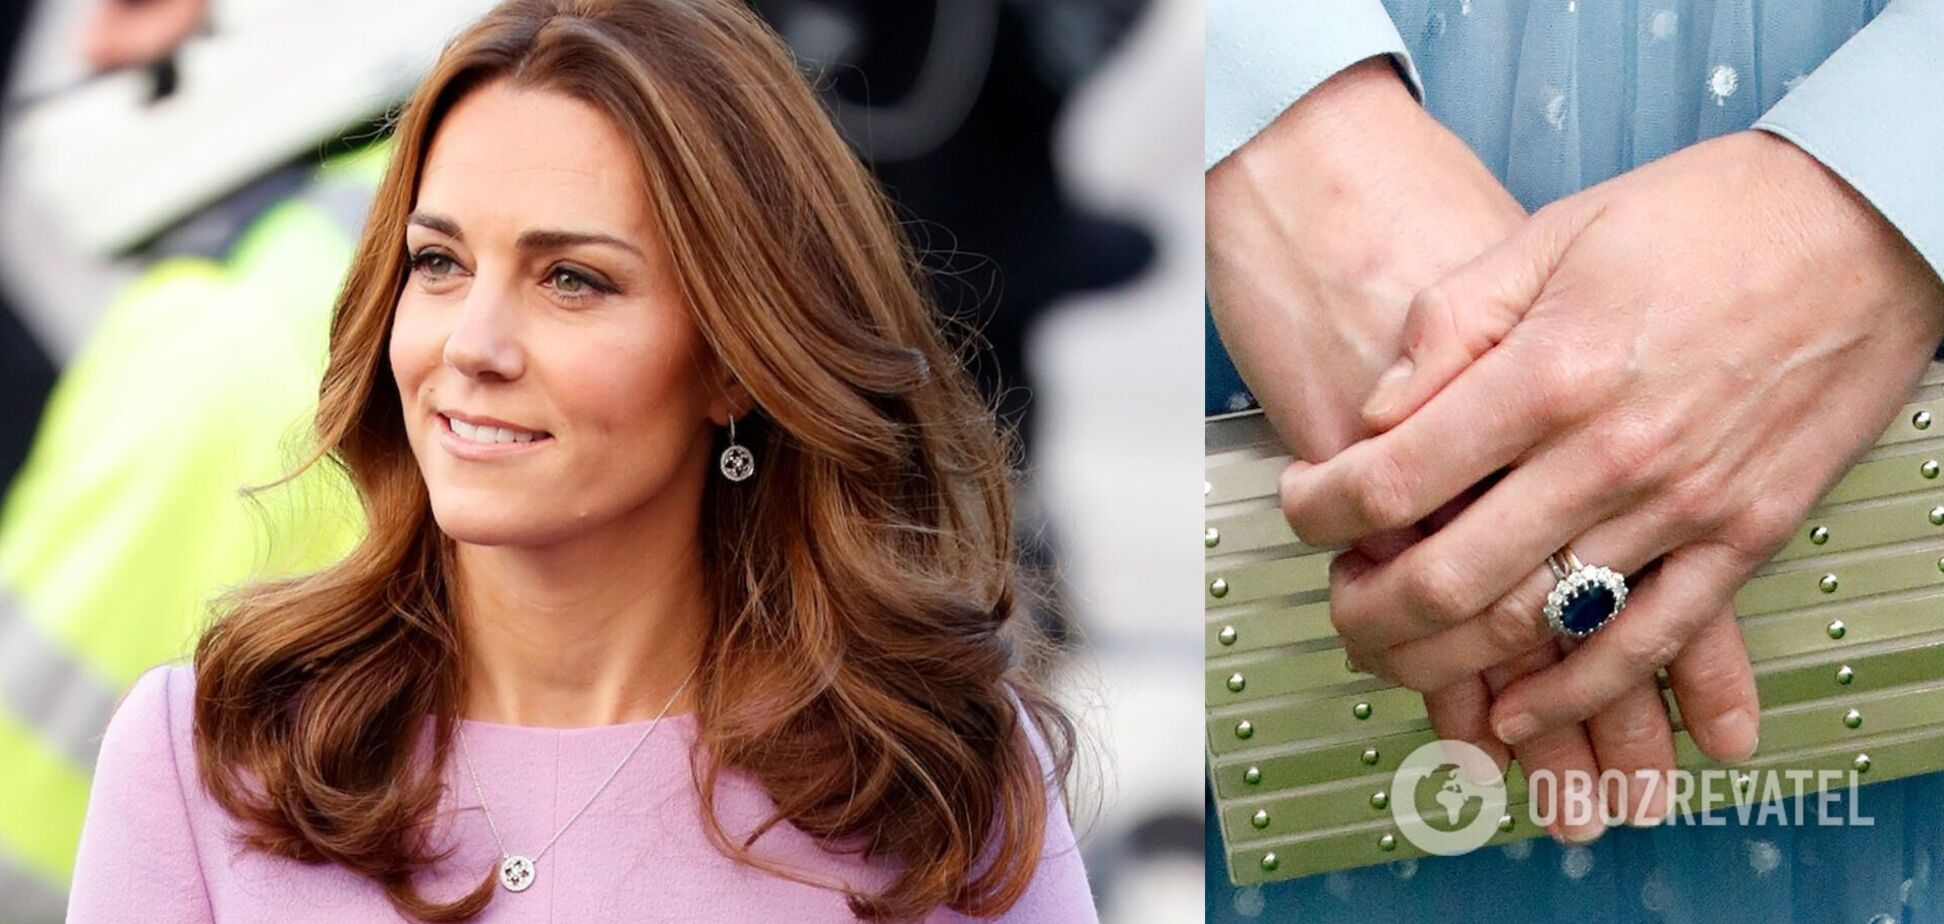 Кейт Міддлтон змінила каблучку принцеси Діани, яку їй подарував принц Вільям